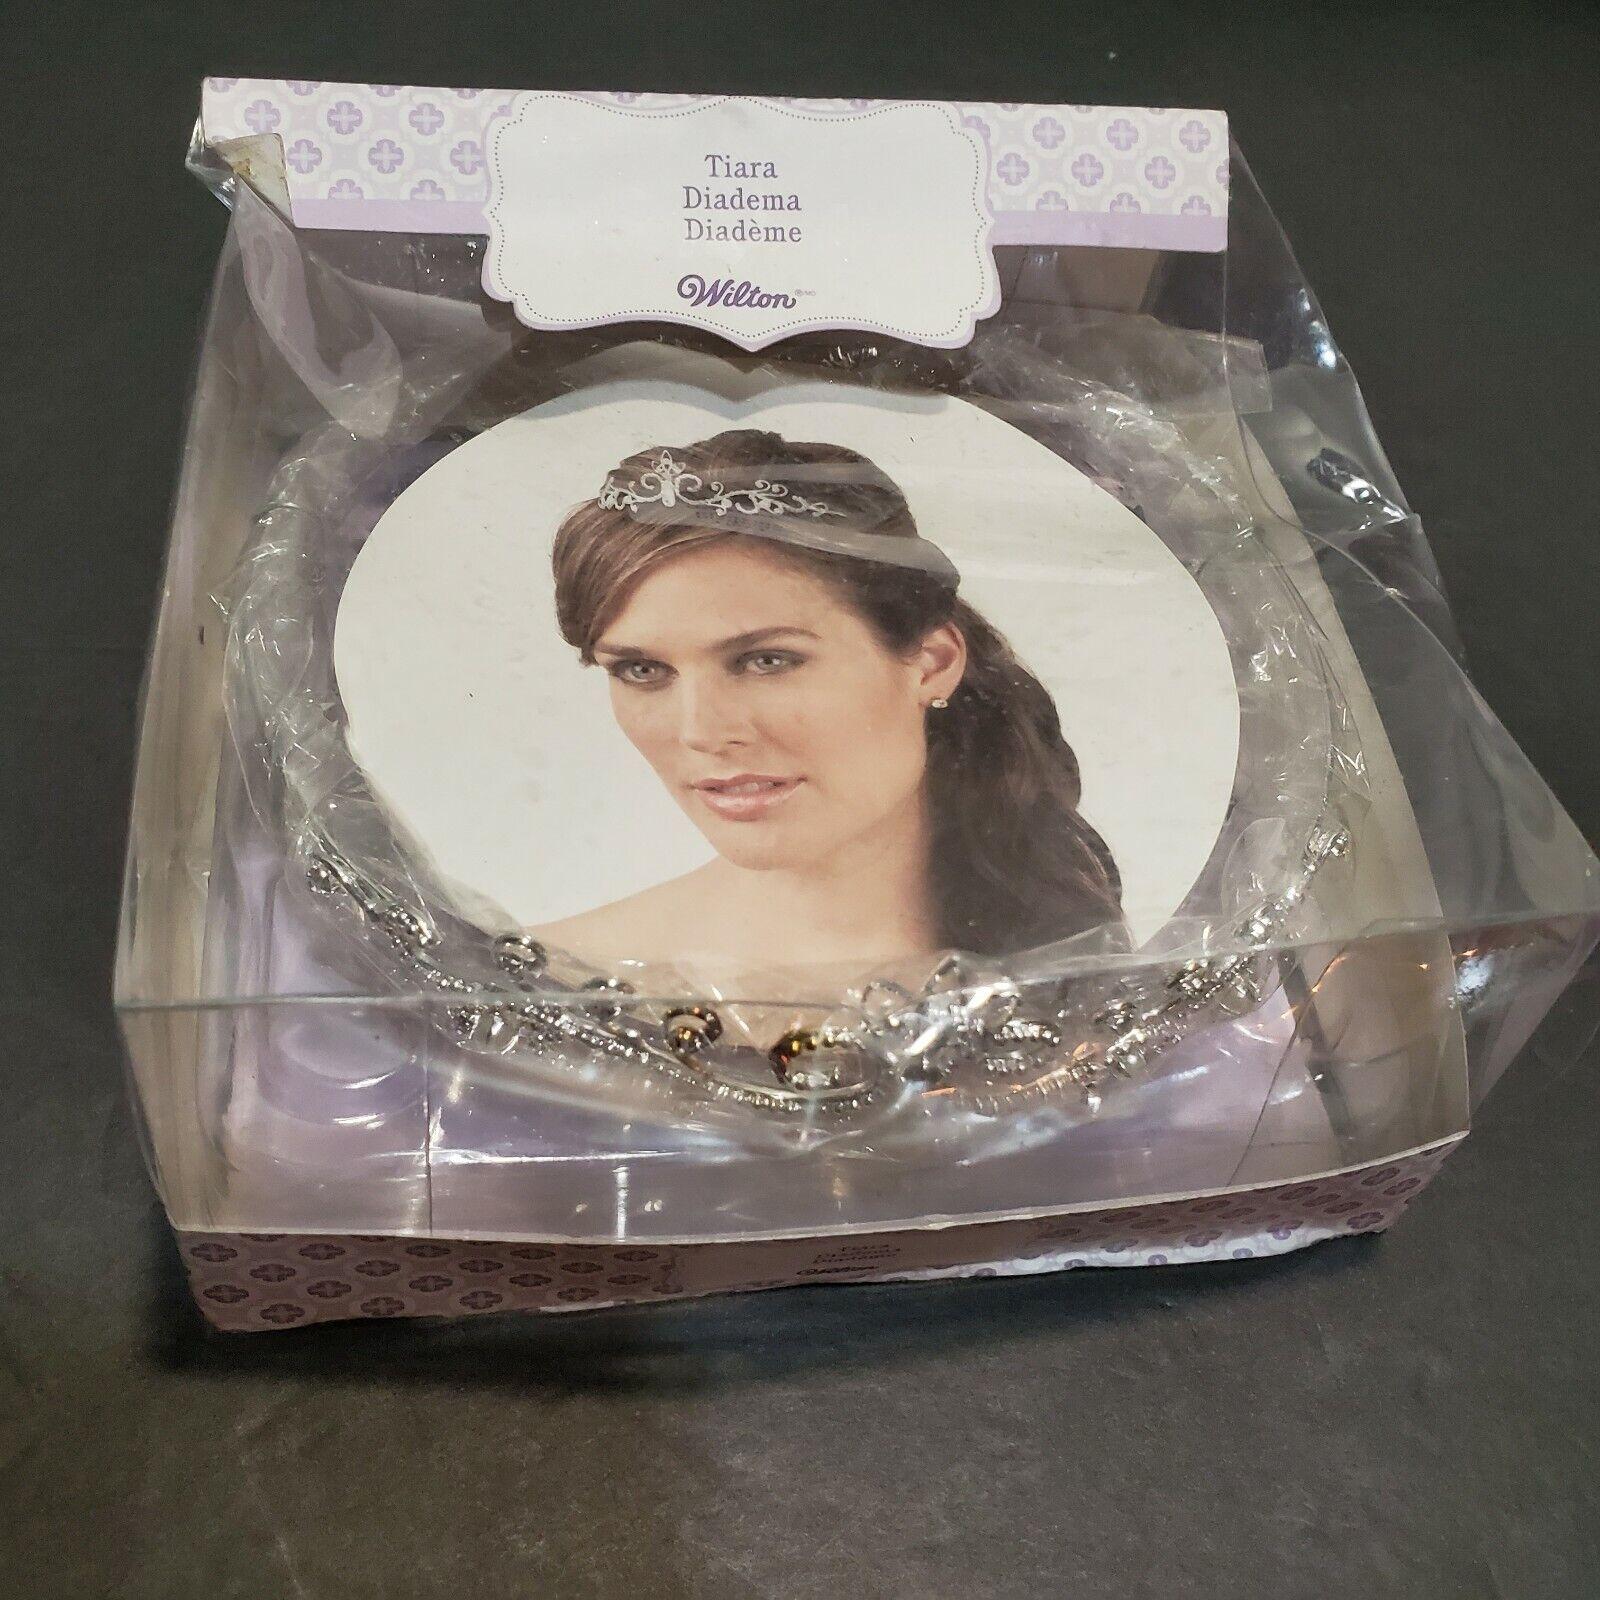 NEW Wilton Silver Plated Tiara